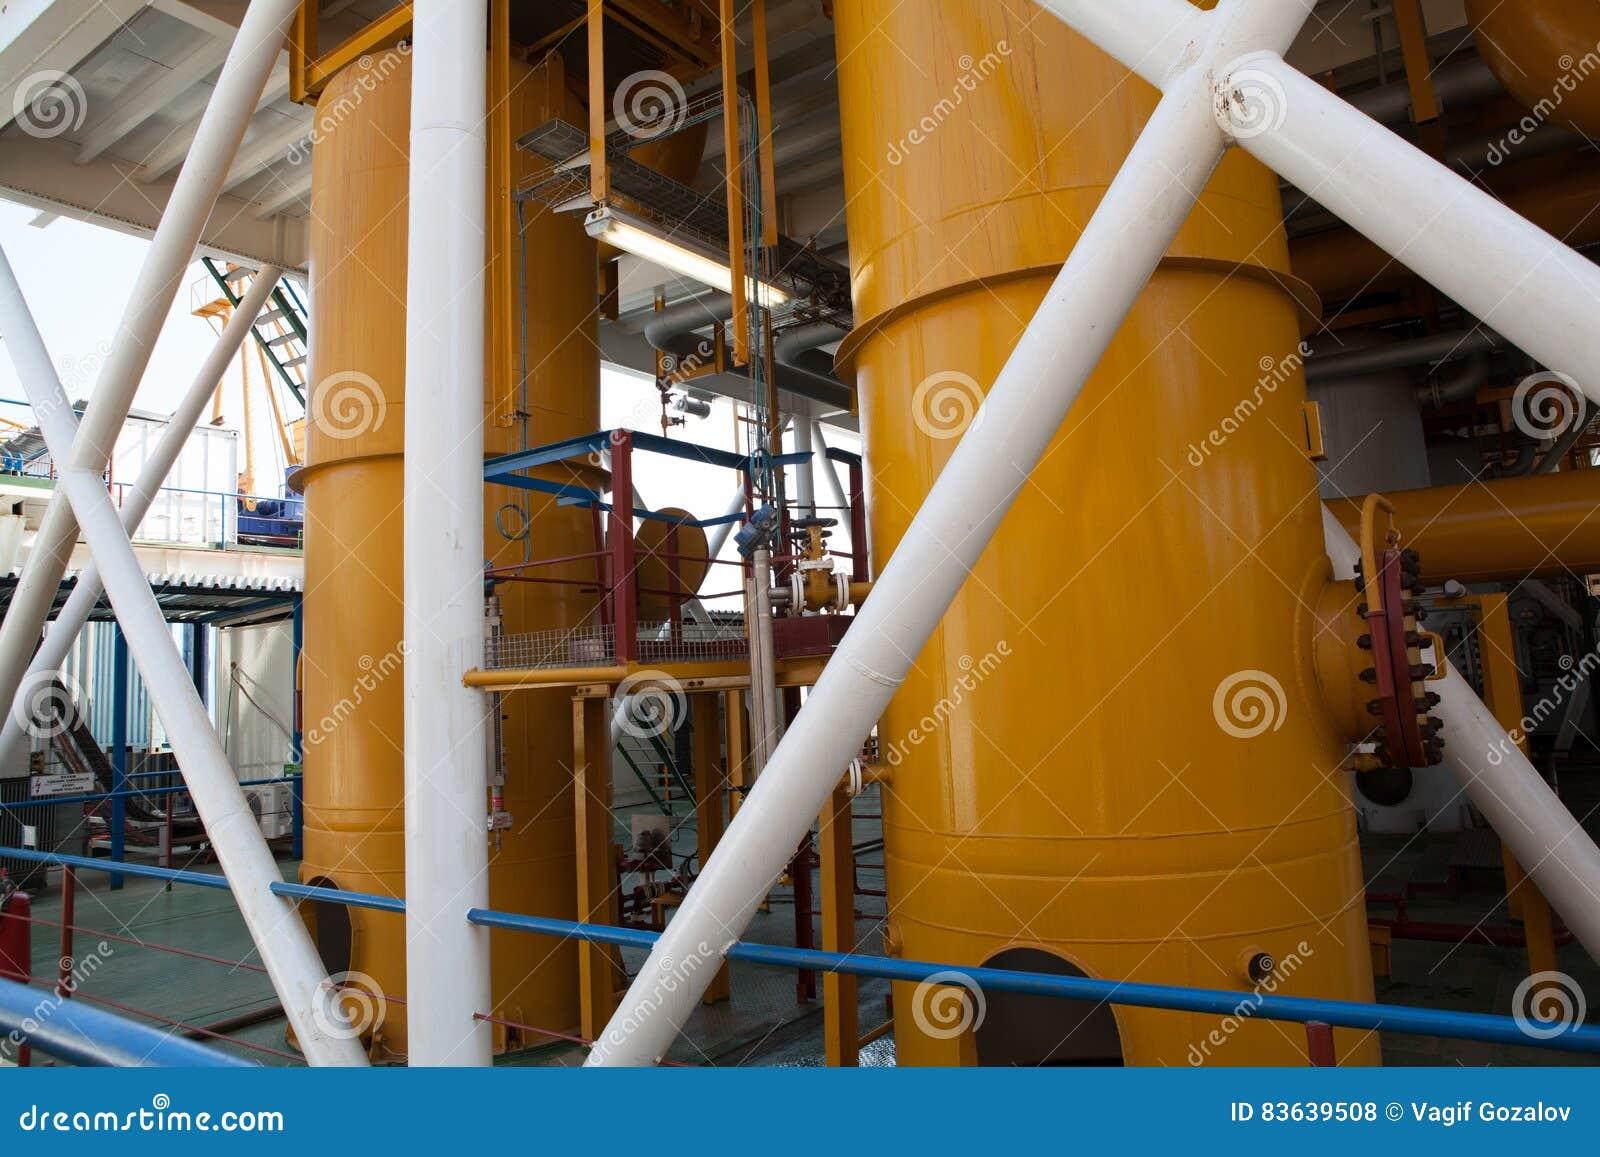 Canalisation de plateforme pétrolière et système de transfert de pression